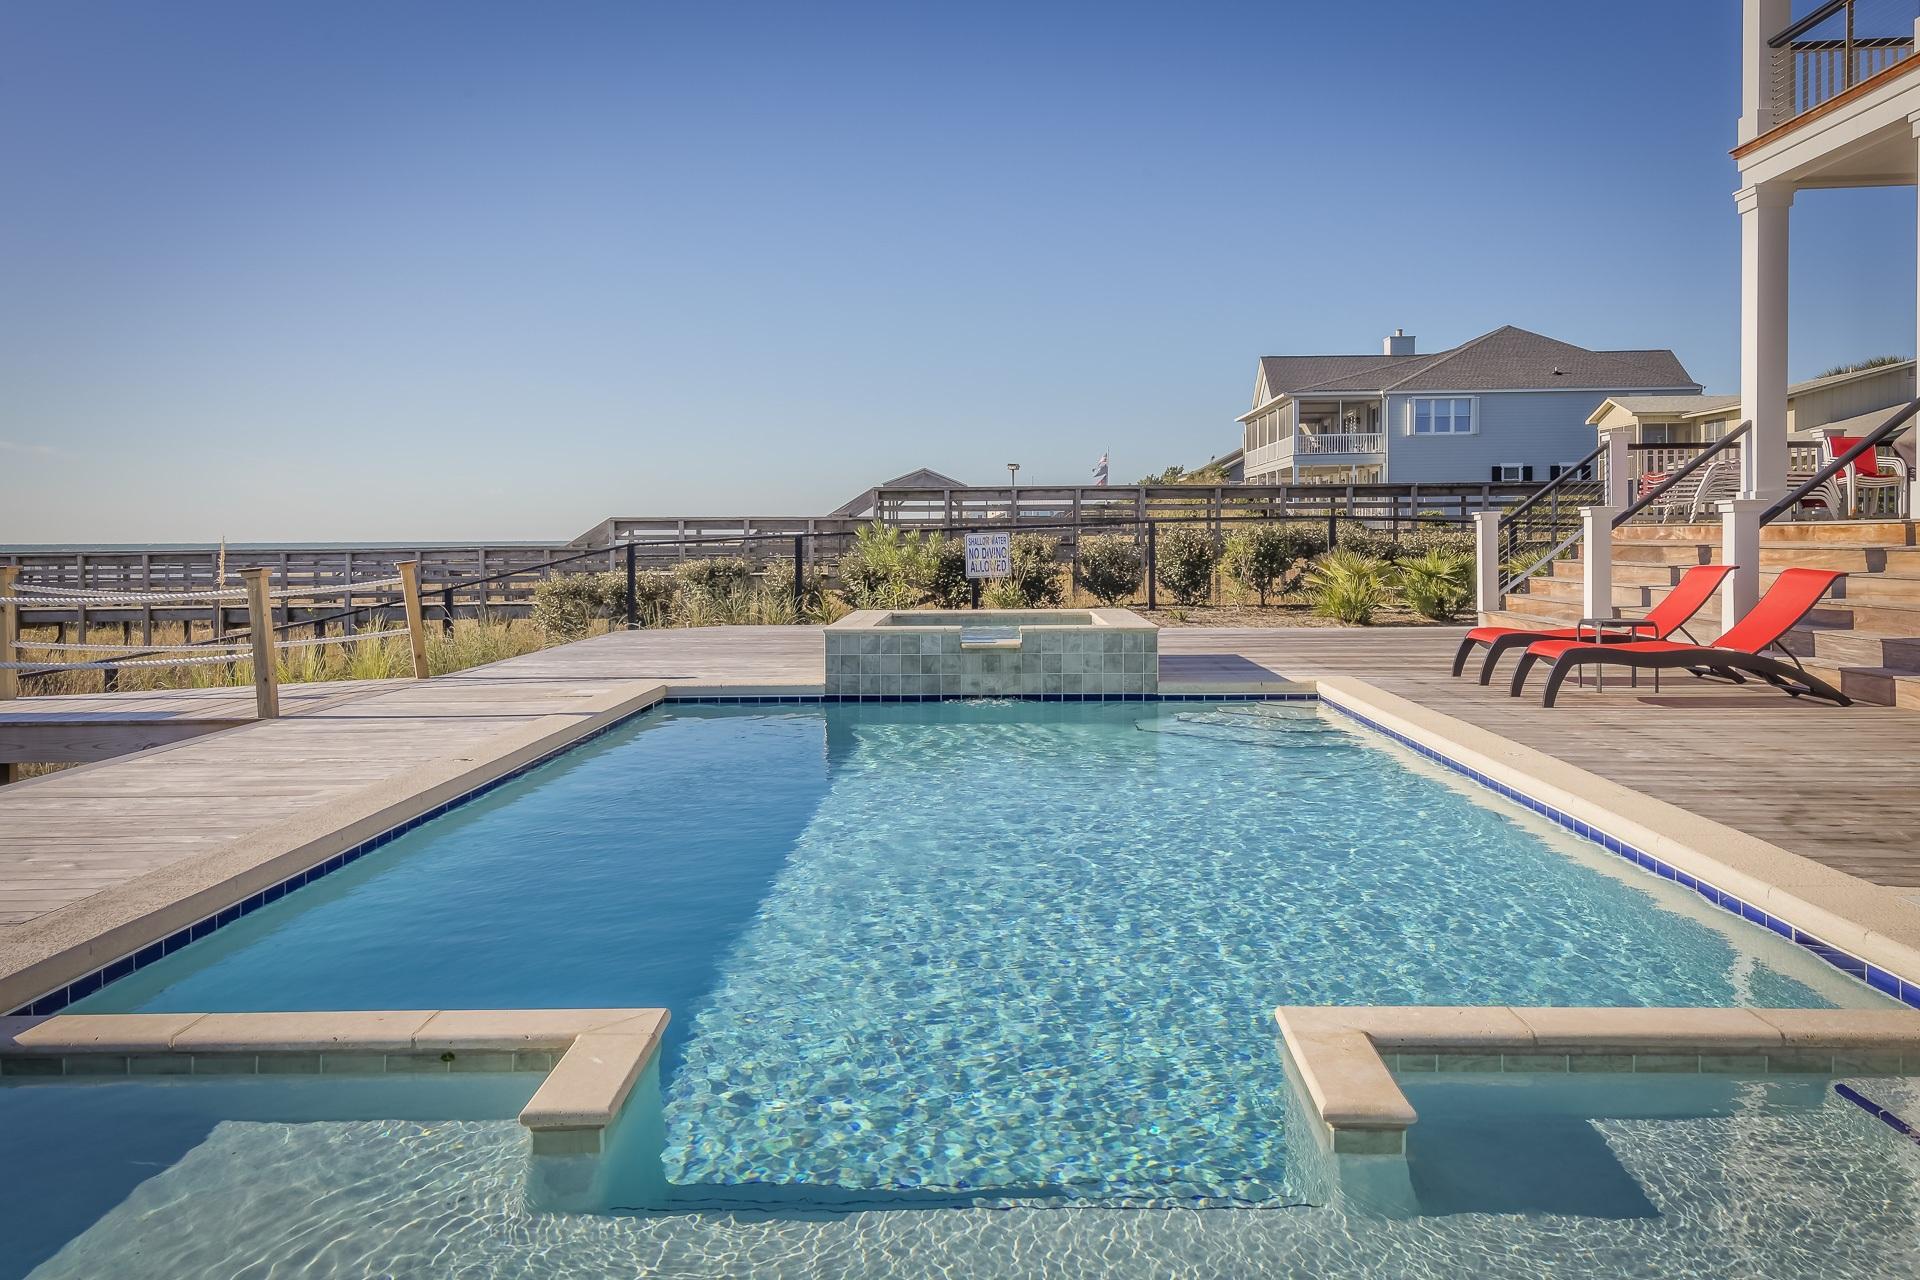 Idées de décoration élégante au bord de la piscine pour créer votre oasis extérieure personnelle